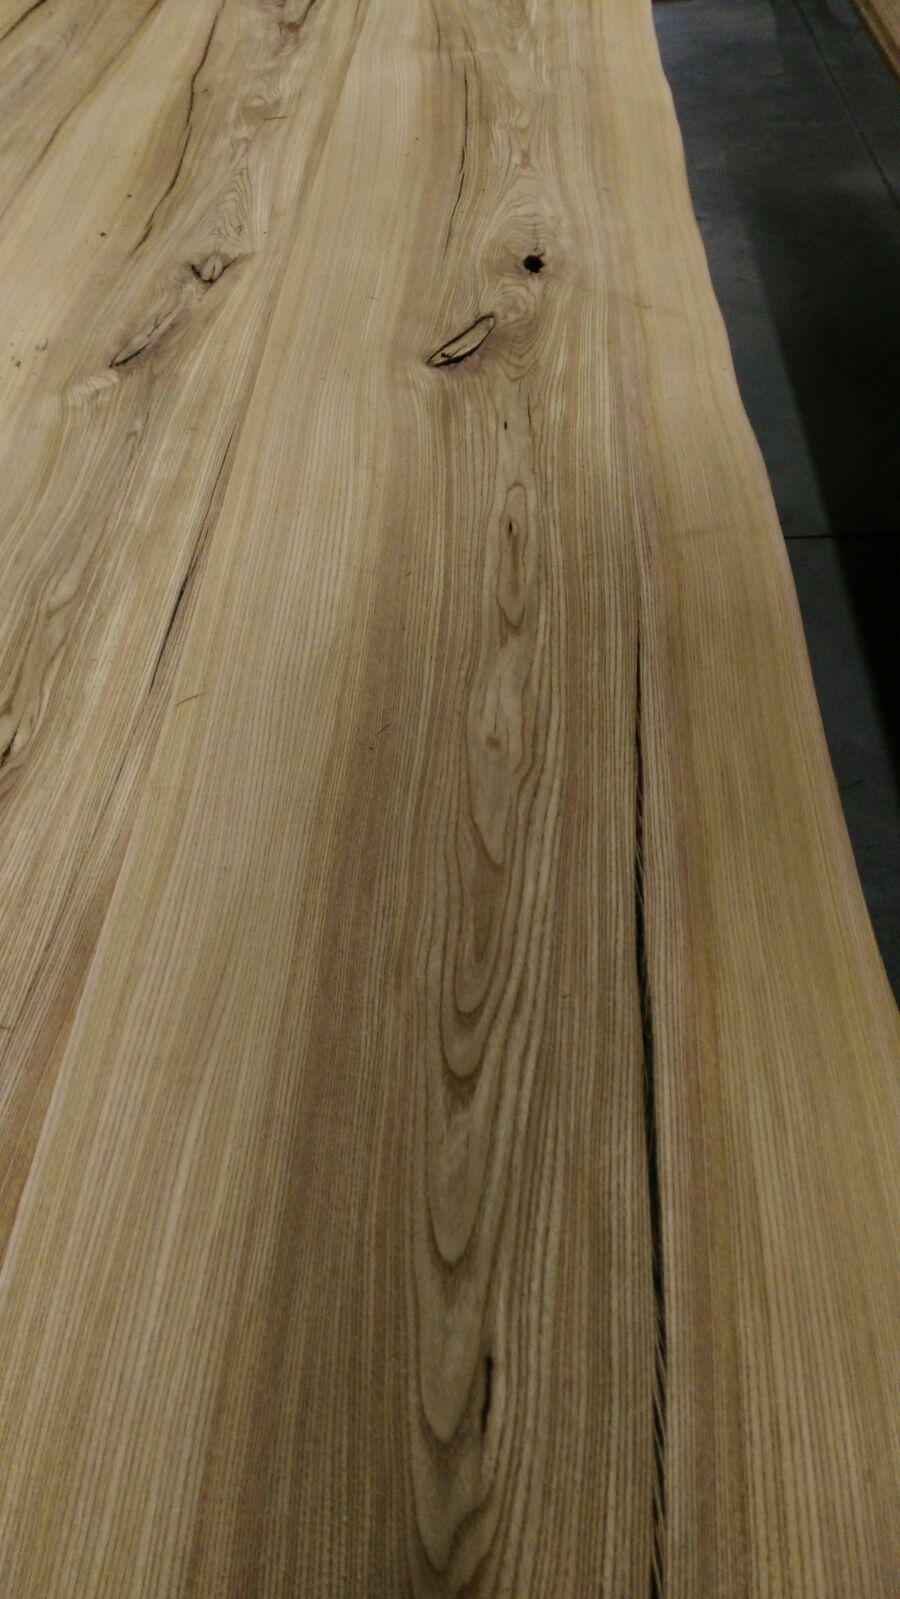 Fogli di legno di alta qualità per arredamento rustico e moderno